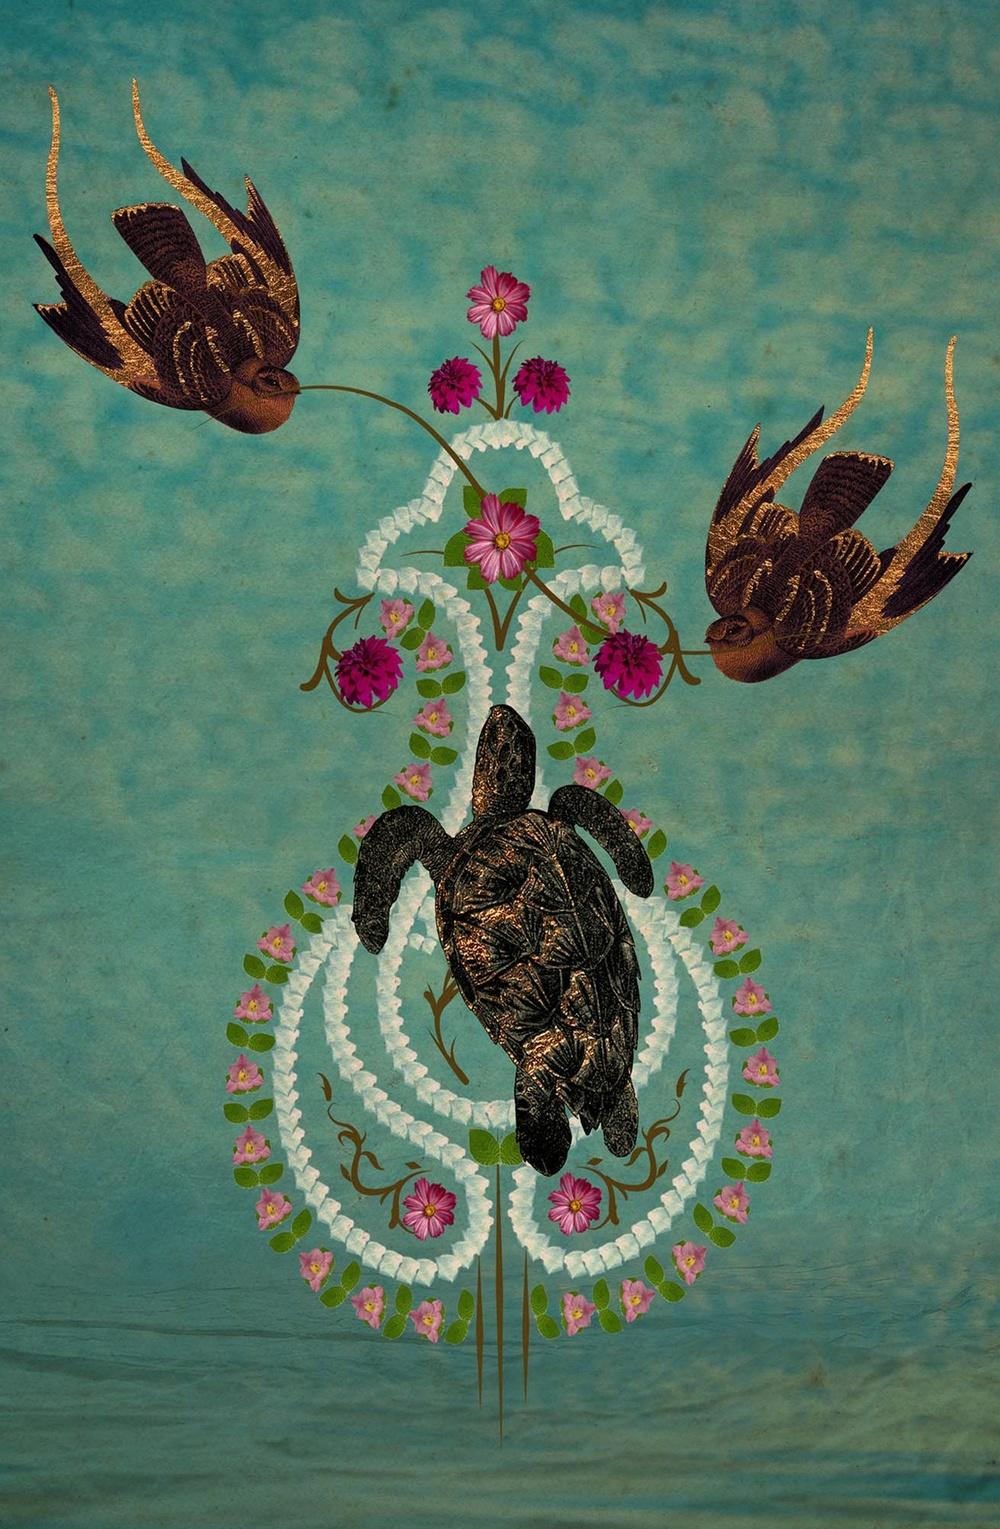 n-the geese tortoise.jpg